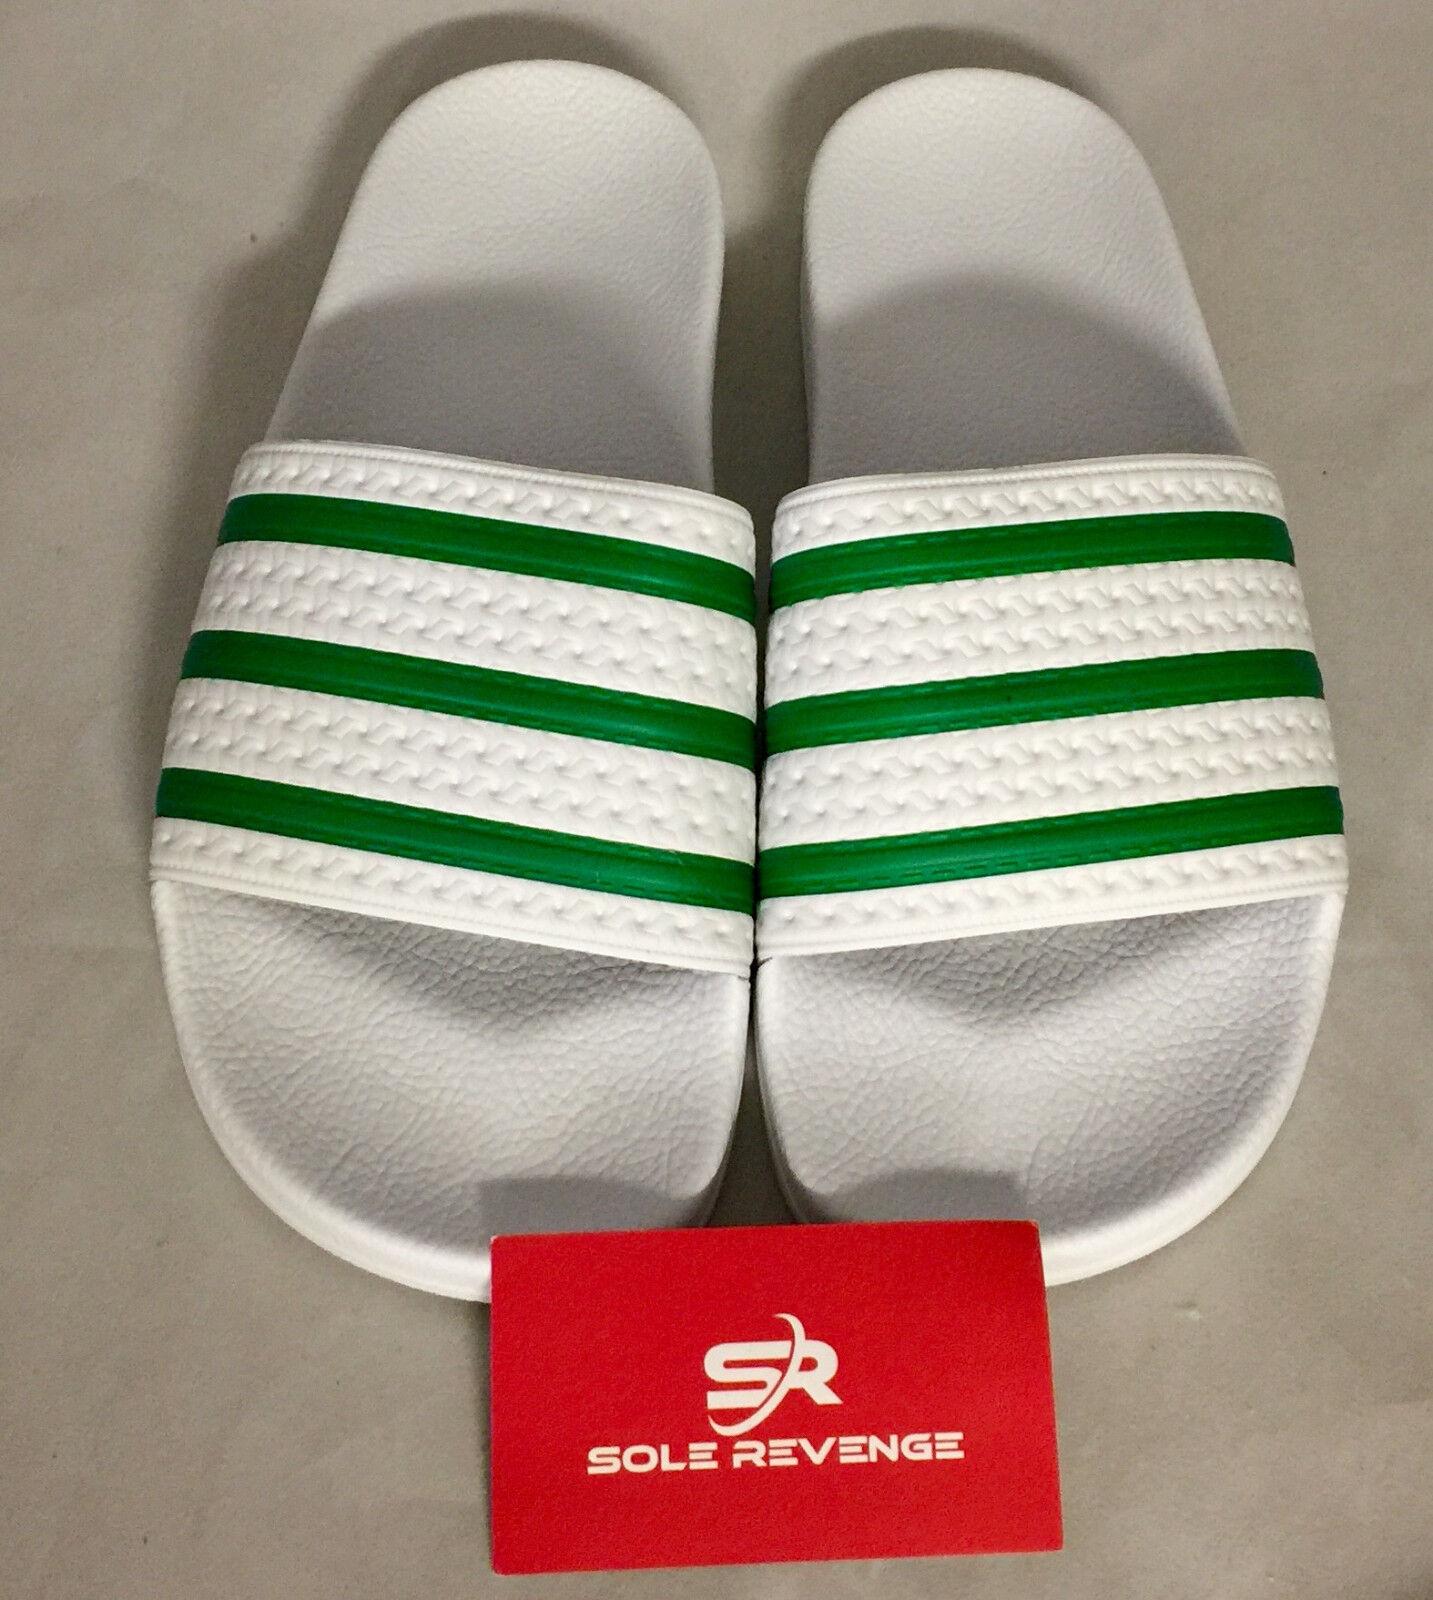 New Adidas ADILETTE Slides Sandals Mens White Green Beach Flip Flops S78678